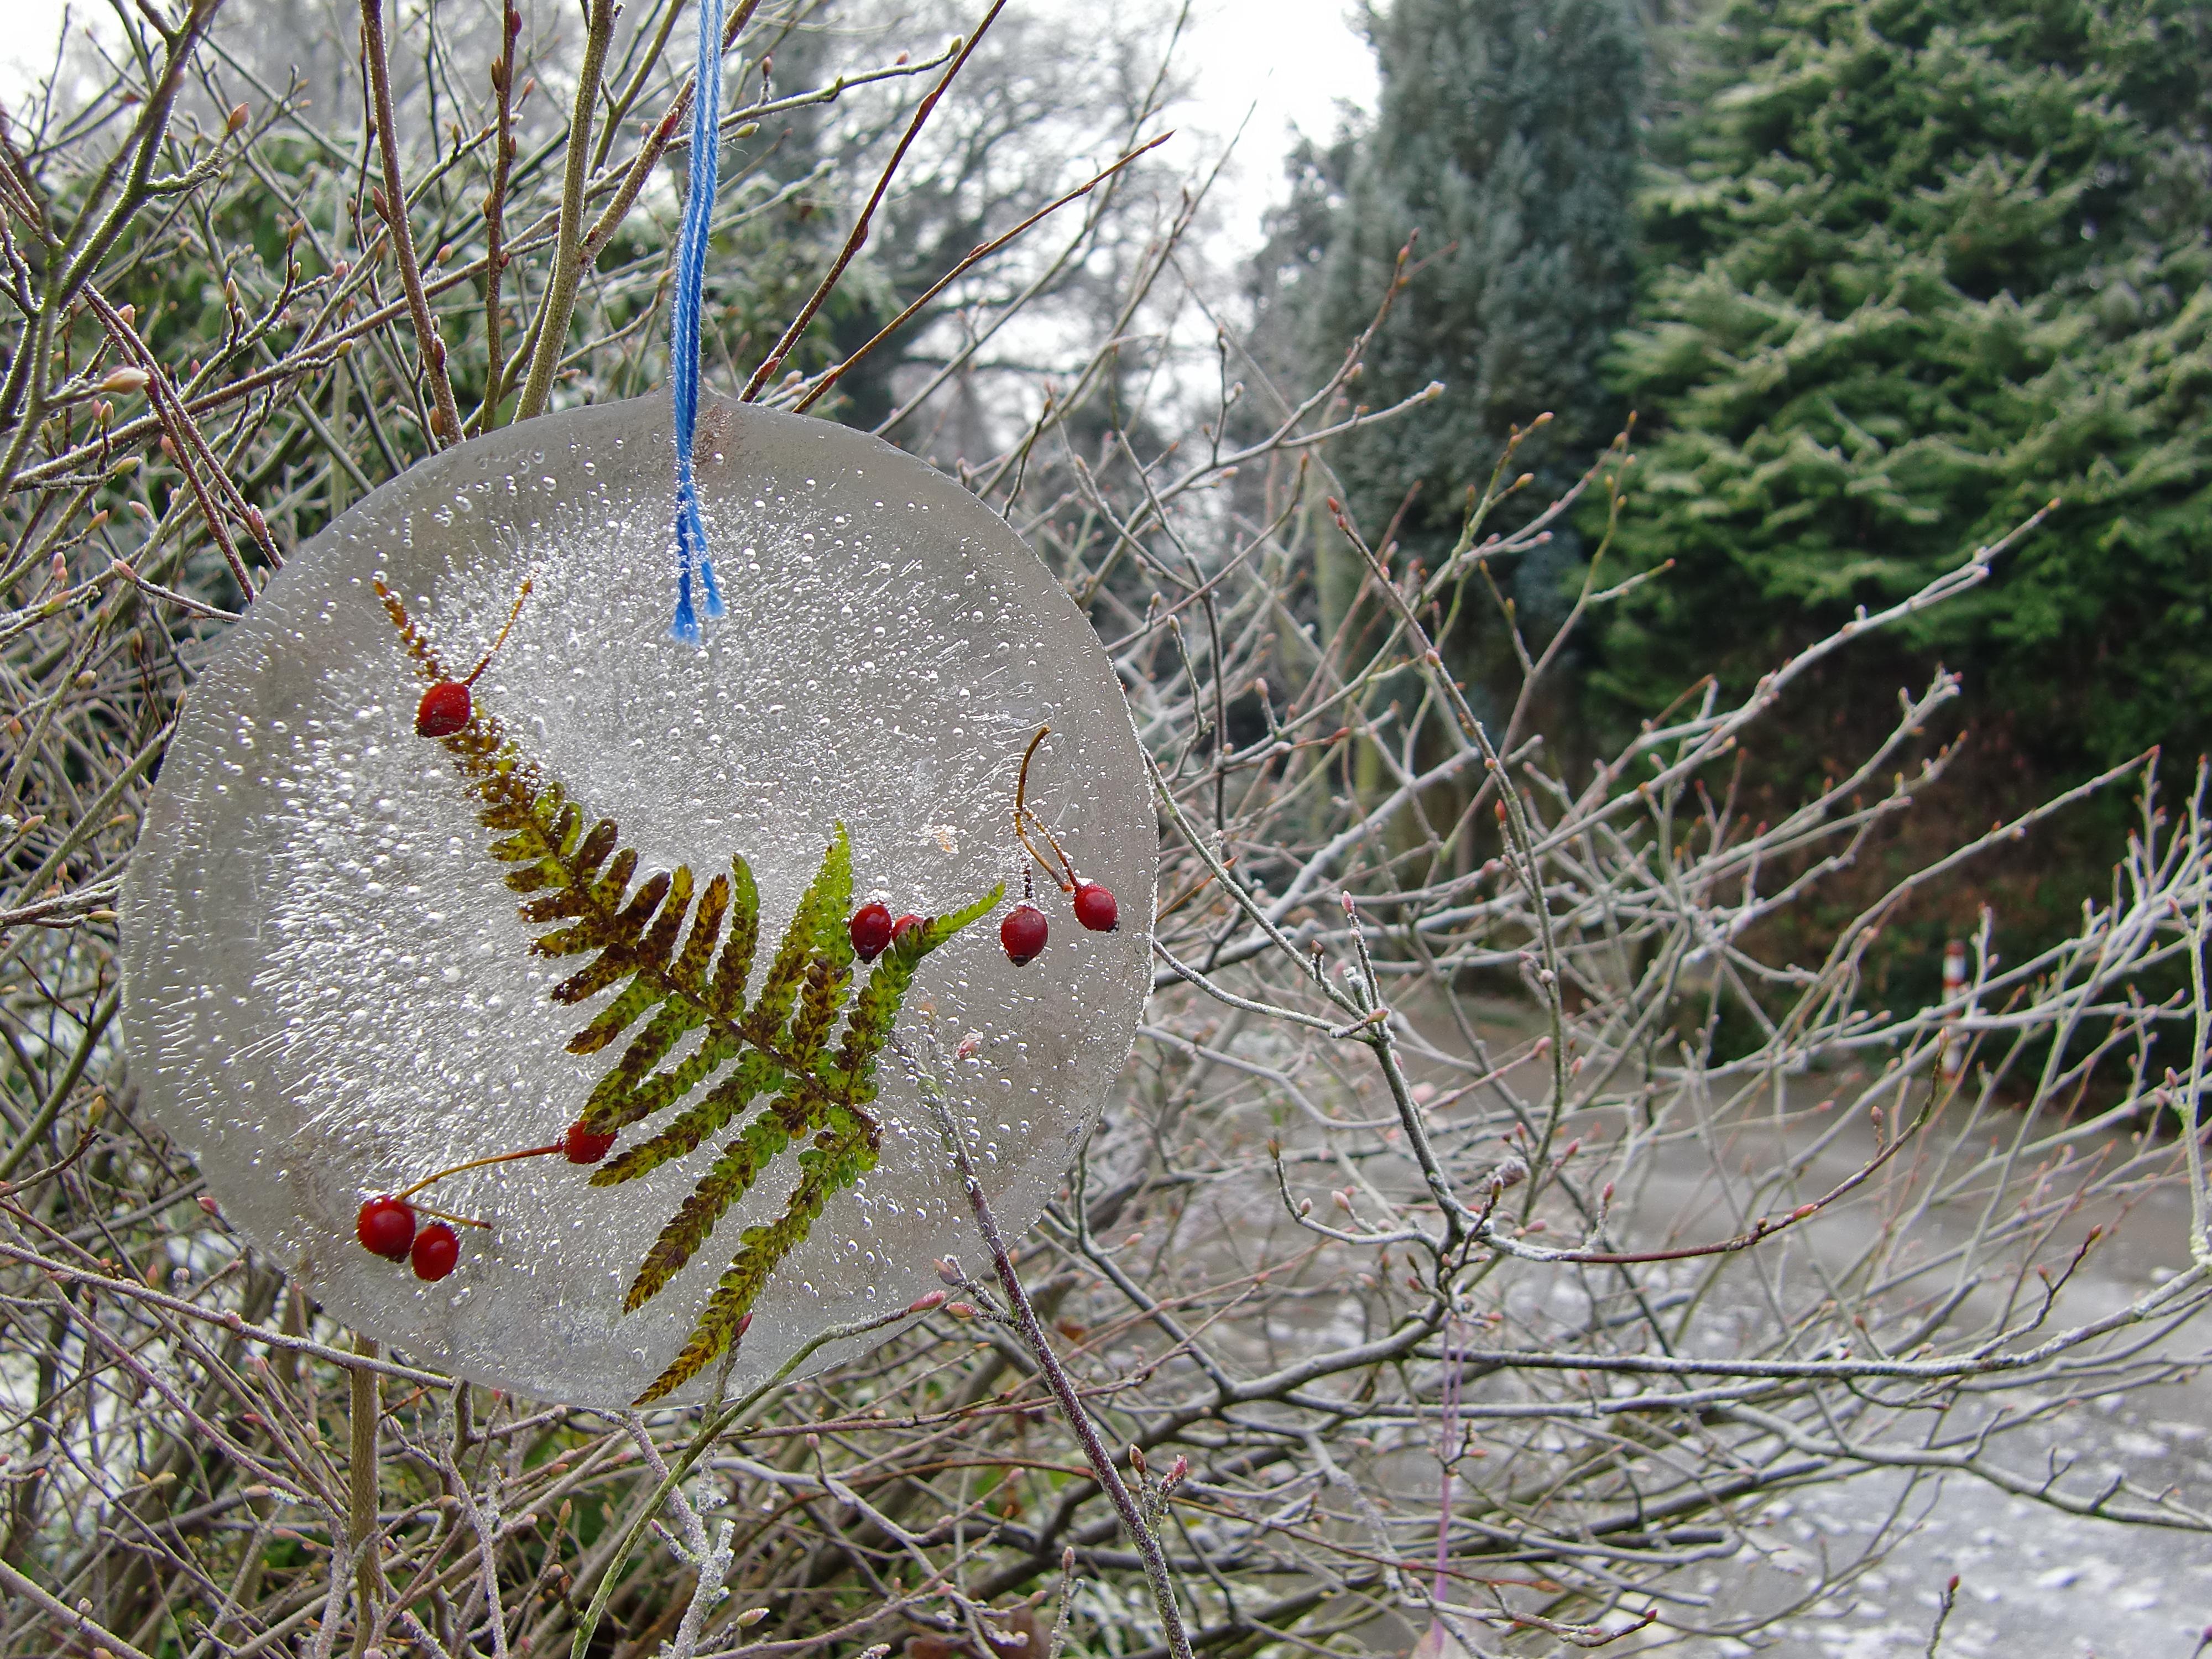 Farn und Hagebutten in Eis gegossen